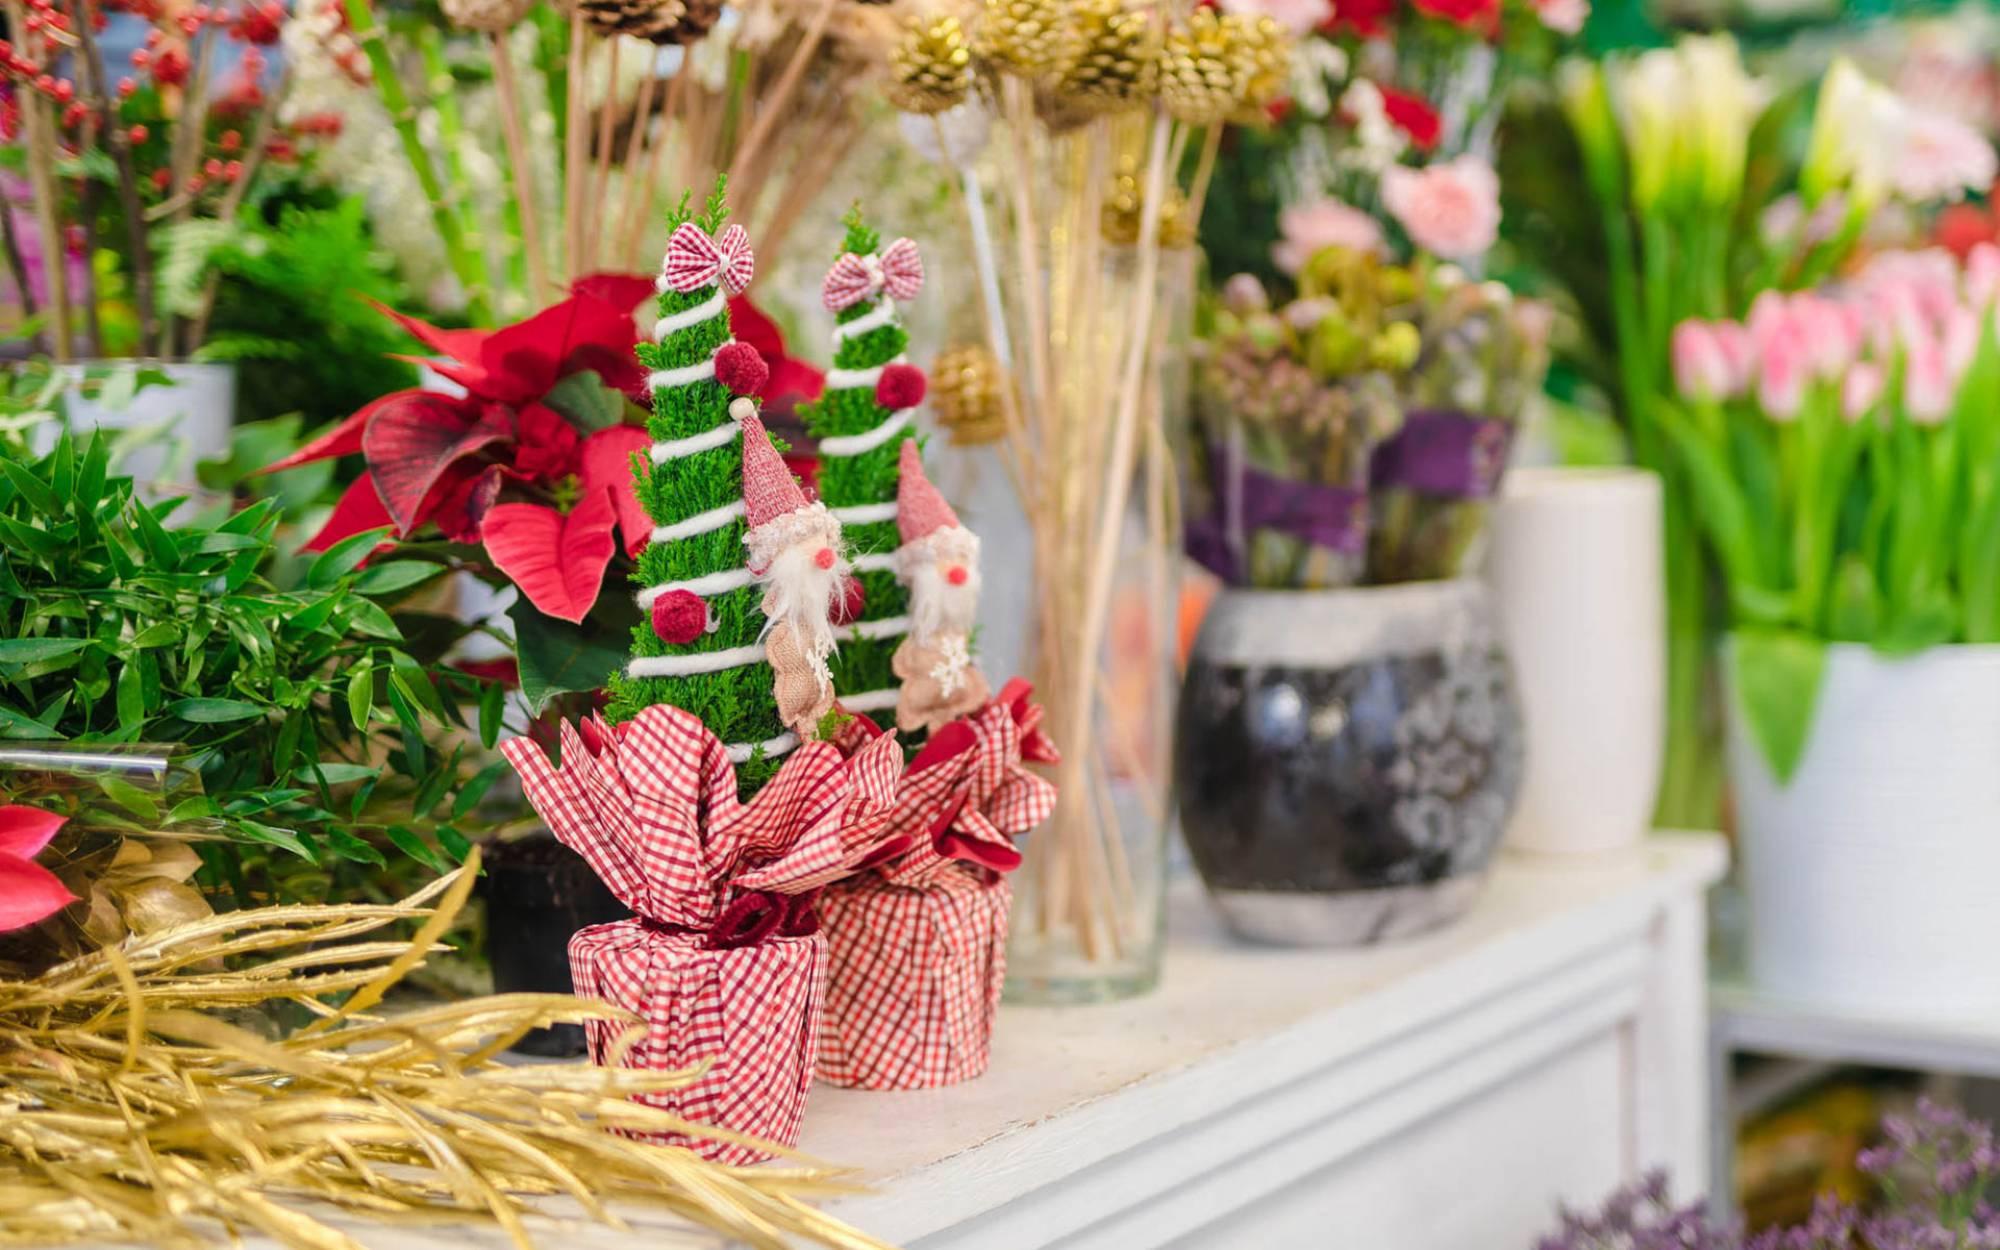 Immagini Piante E Fiori piante e fiori   bema giardini - living garden